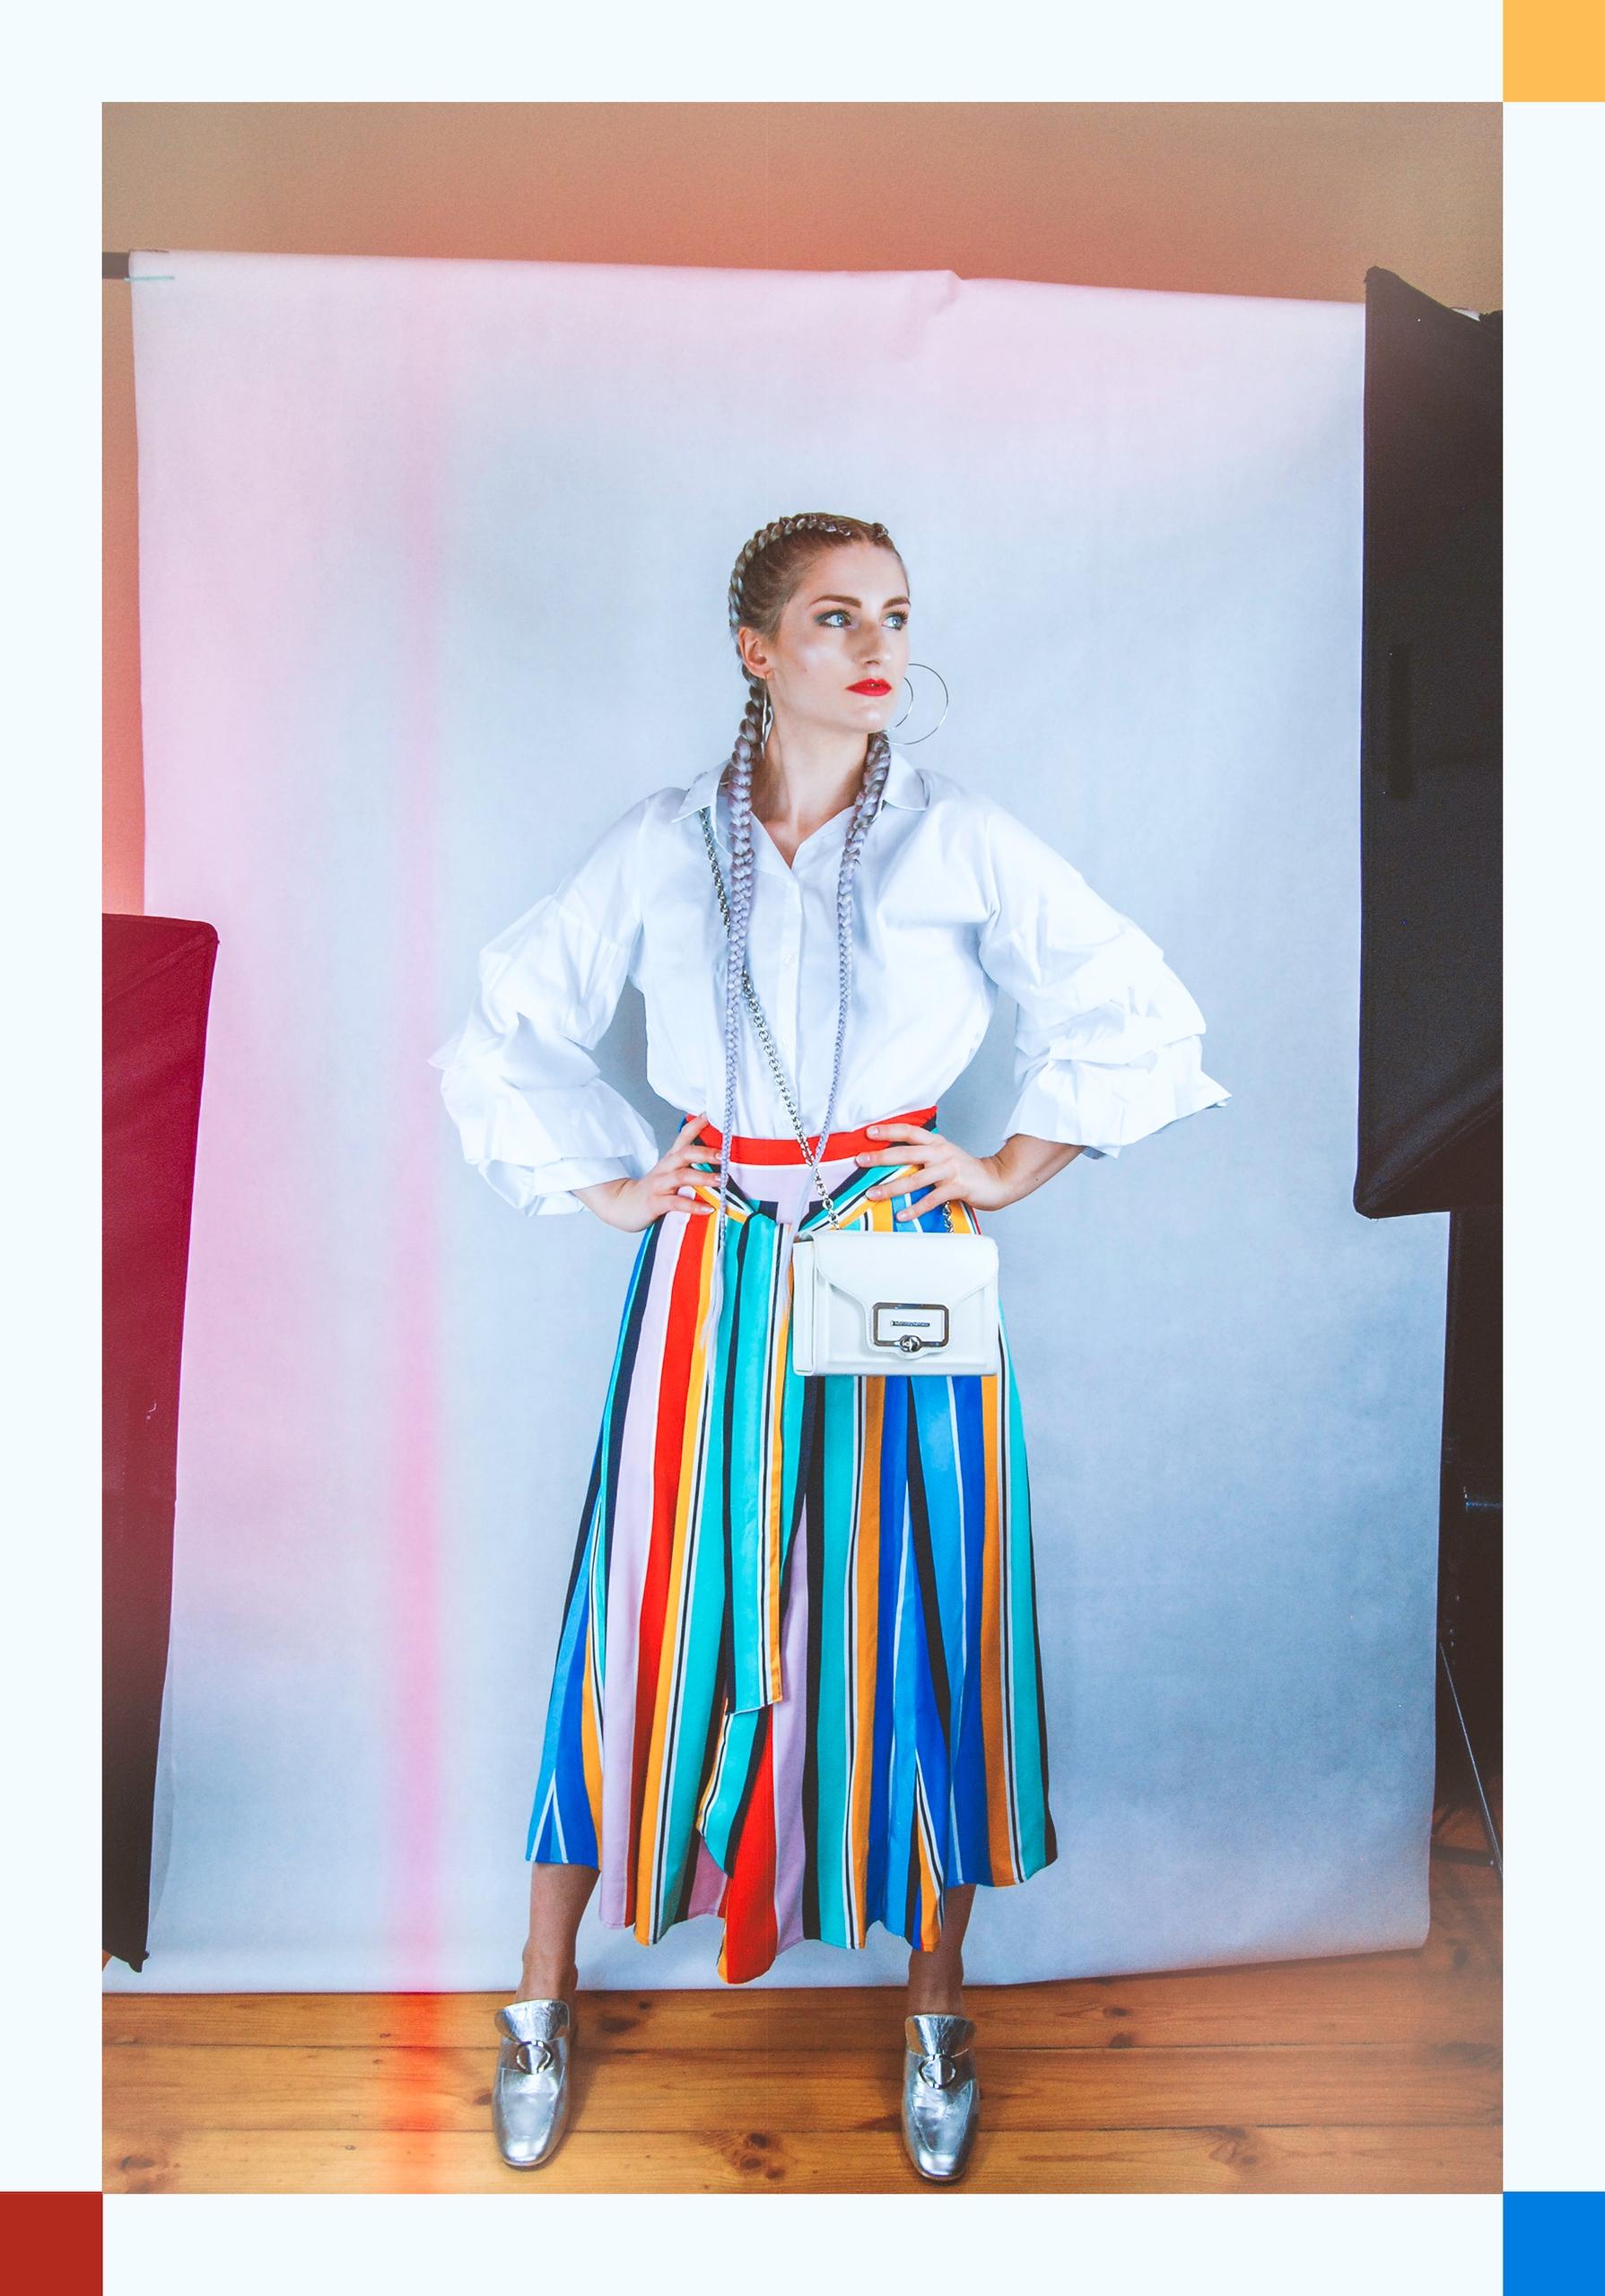 Zdjęcie przedstawia sylwetkę kobiety w kolorowej spódnicy i białej bluzce. Kobieta ma długie warkocze i srebrne buty.